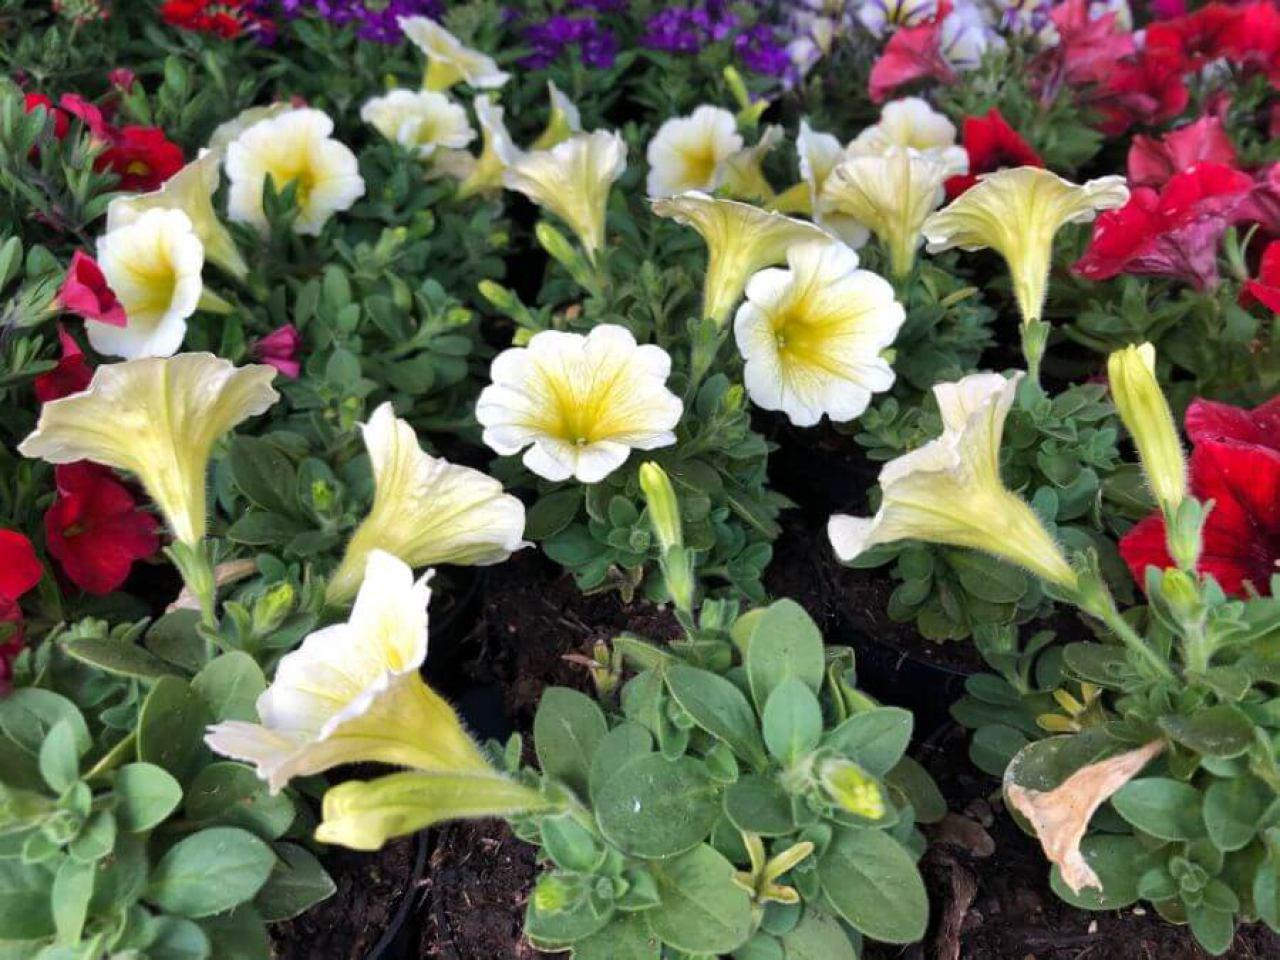 flora-commerce-7276667412.jpg